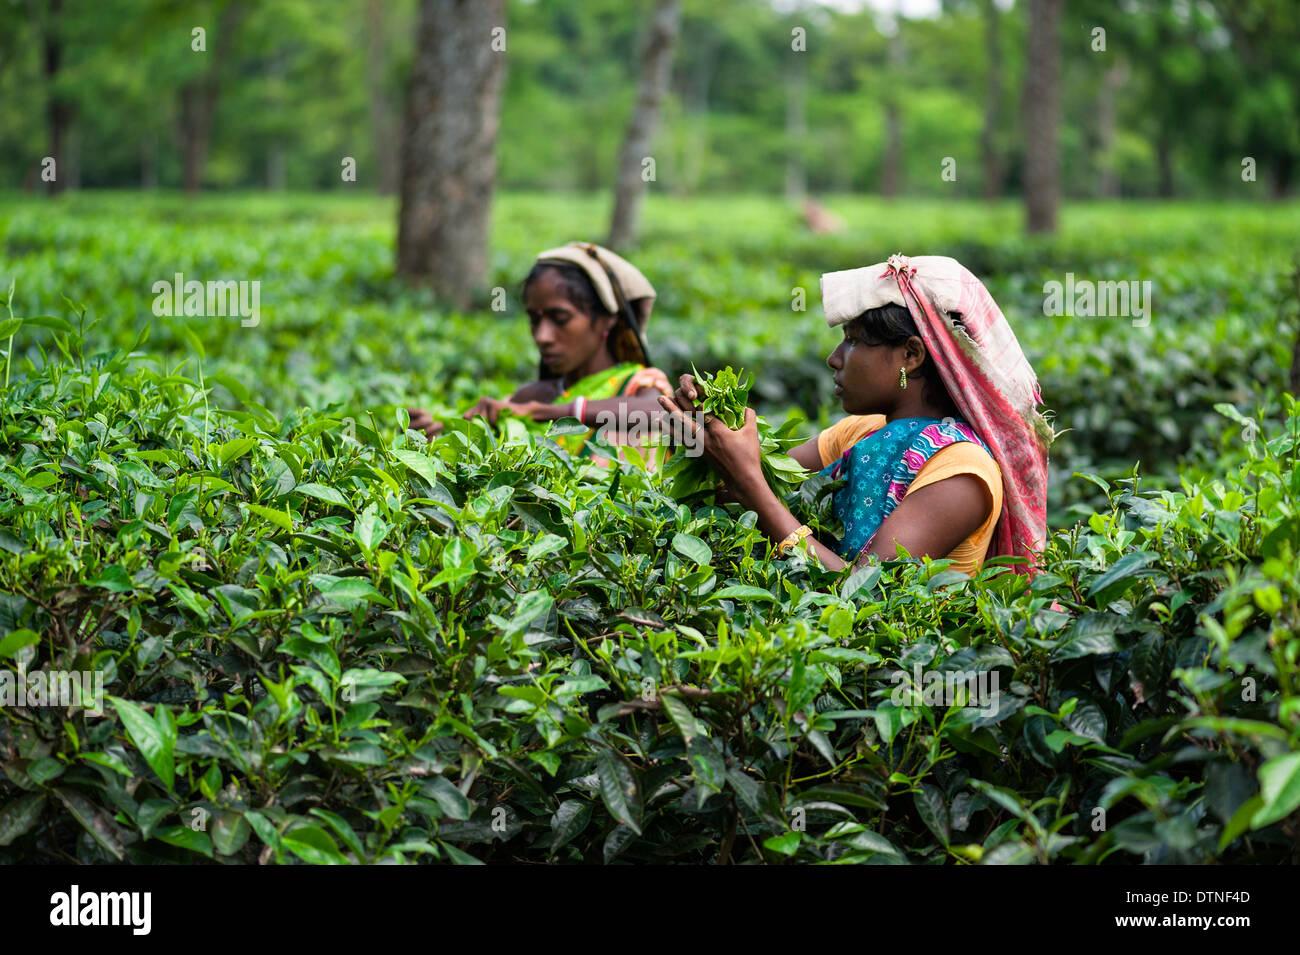 Les cueilleurs de thé feuilles de thé de la récolte sur une grande plantation de thé le 25 août 2011 près de Jorhat, Assam, Inde. Photo Stock